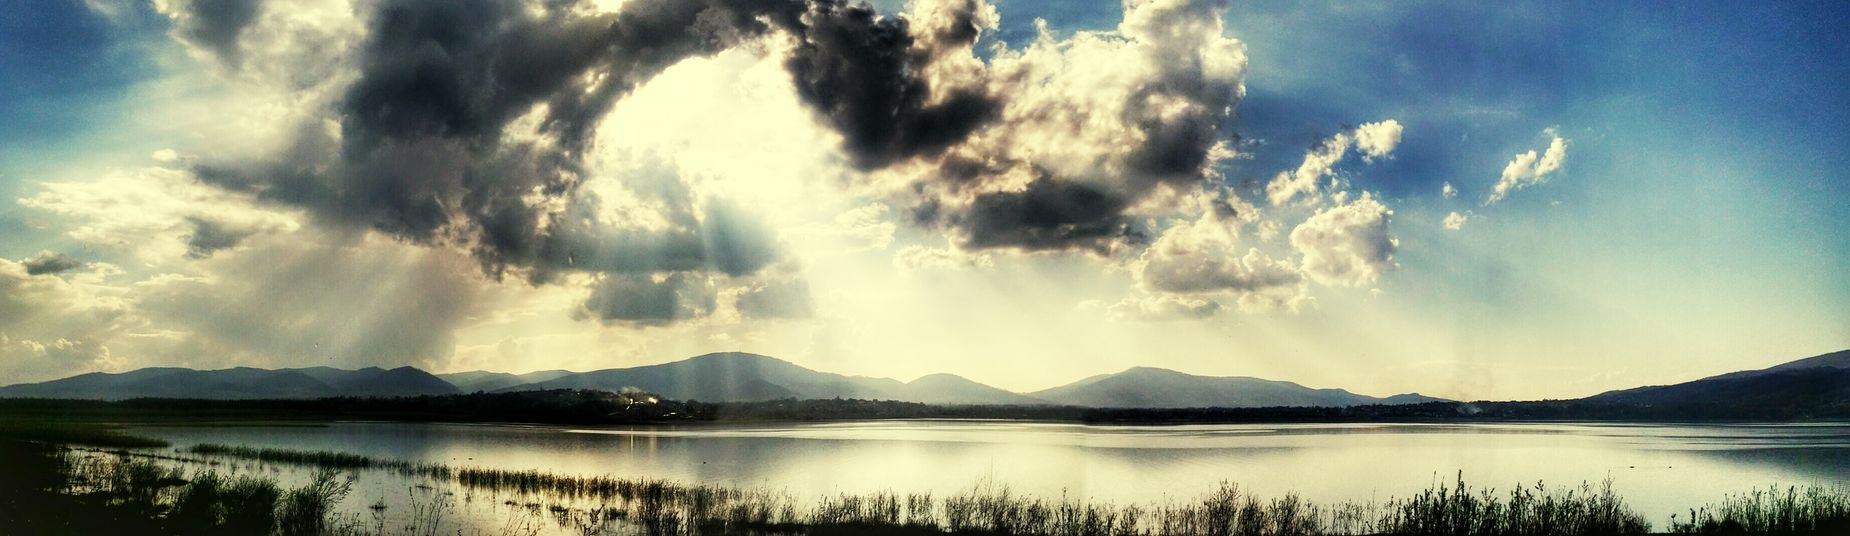 Clouds Sky And Clouds Clouds And Sky Sky Beskidżywiecki Clouds & Sky Lgg3shot LGG3 LGg3photography Lake żywieckie Jezioro żywieckie Skrzyczne Mountain Skrzyczne